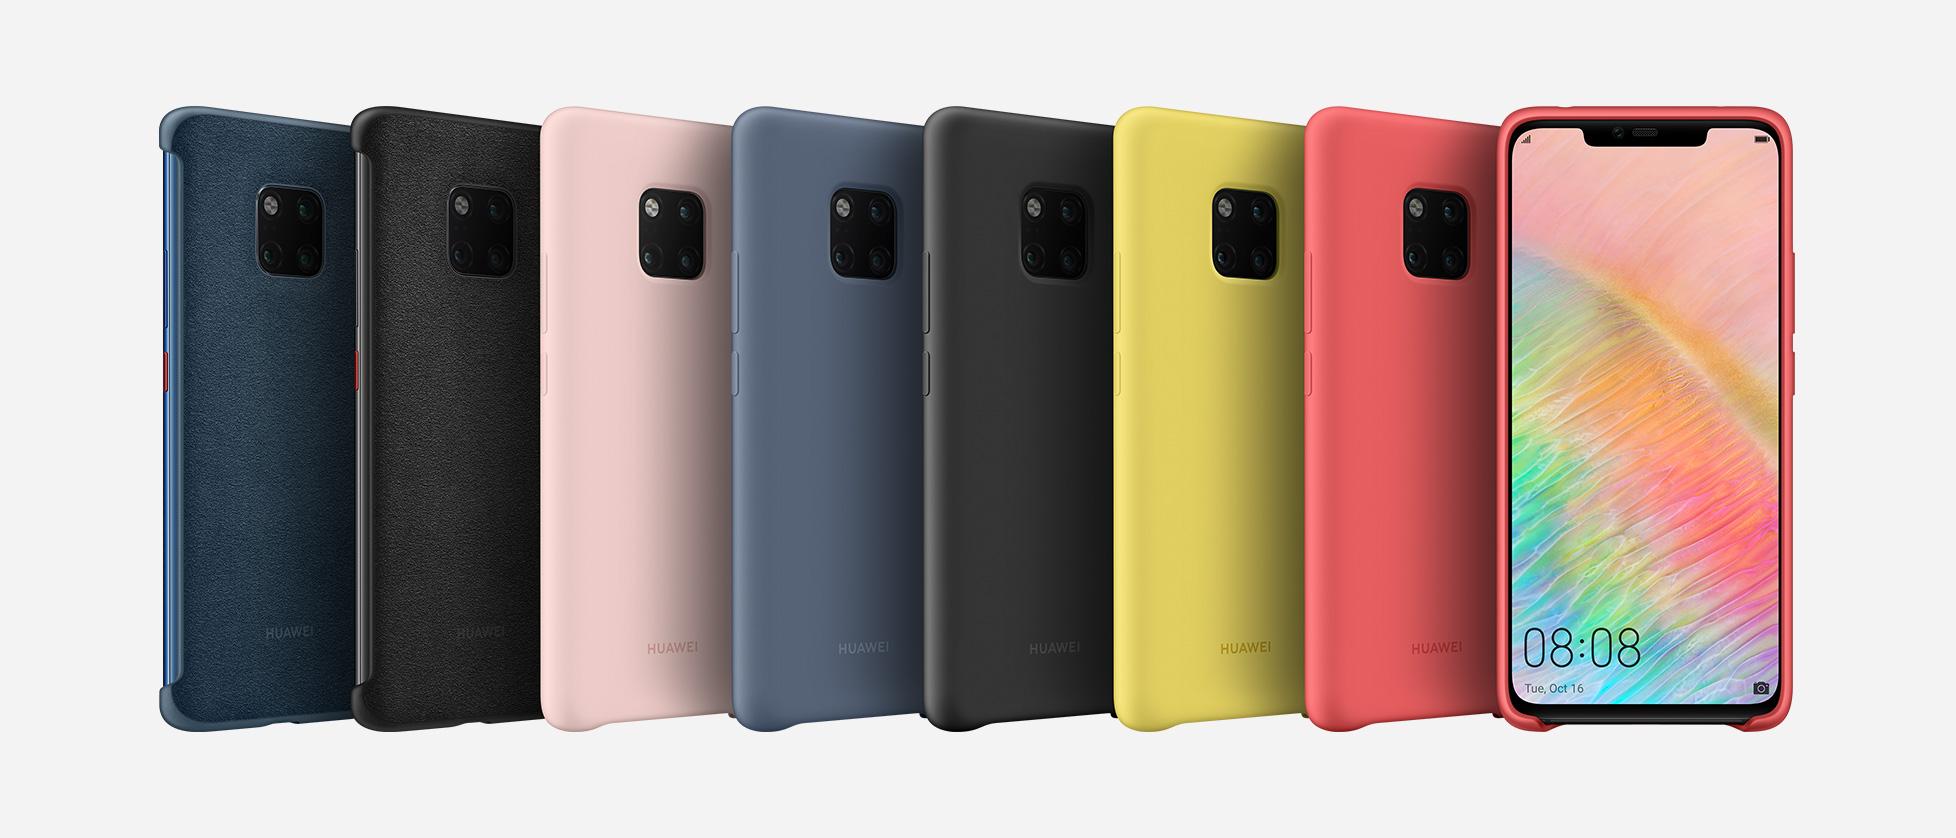 design senza tempo 79c89 d853e La gamma Huawei Mate 20 è accompagnata da cover e accessori ...